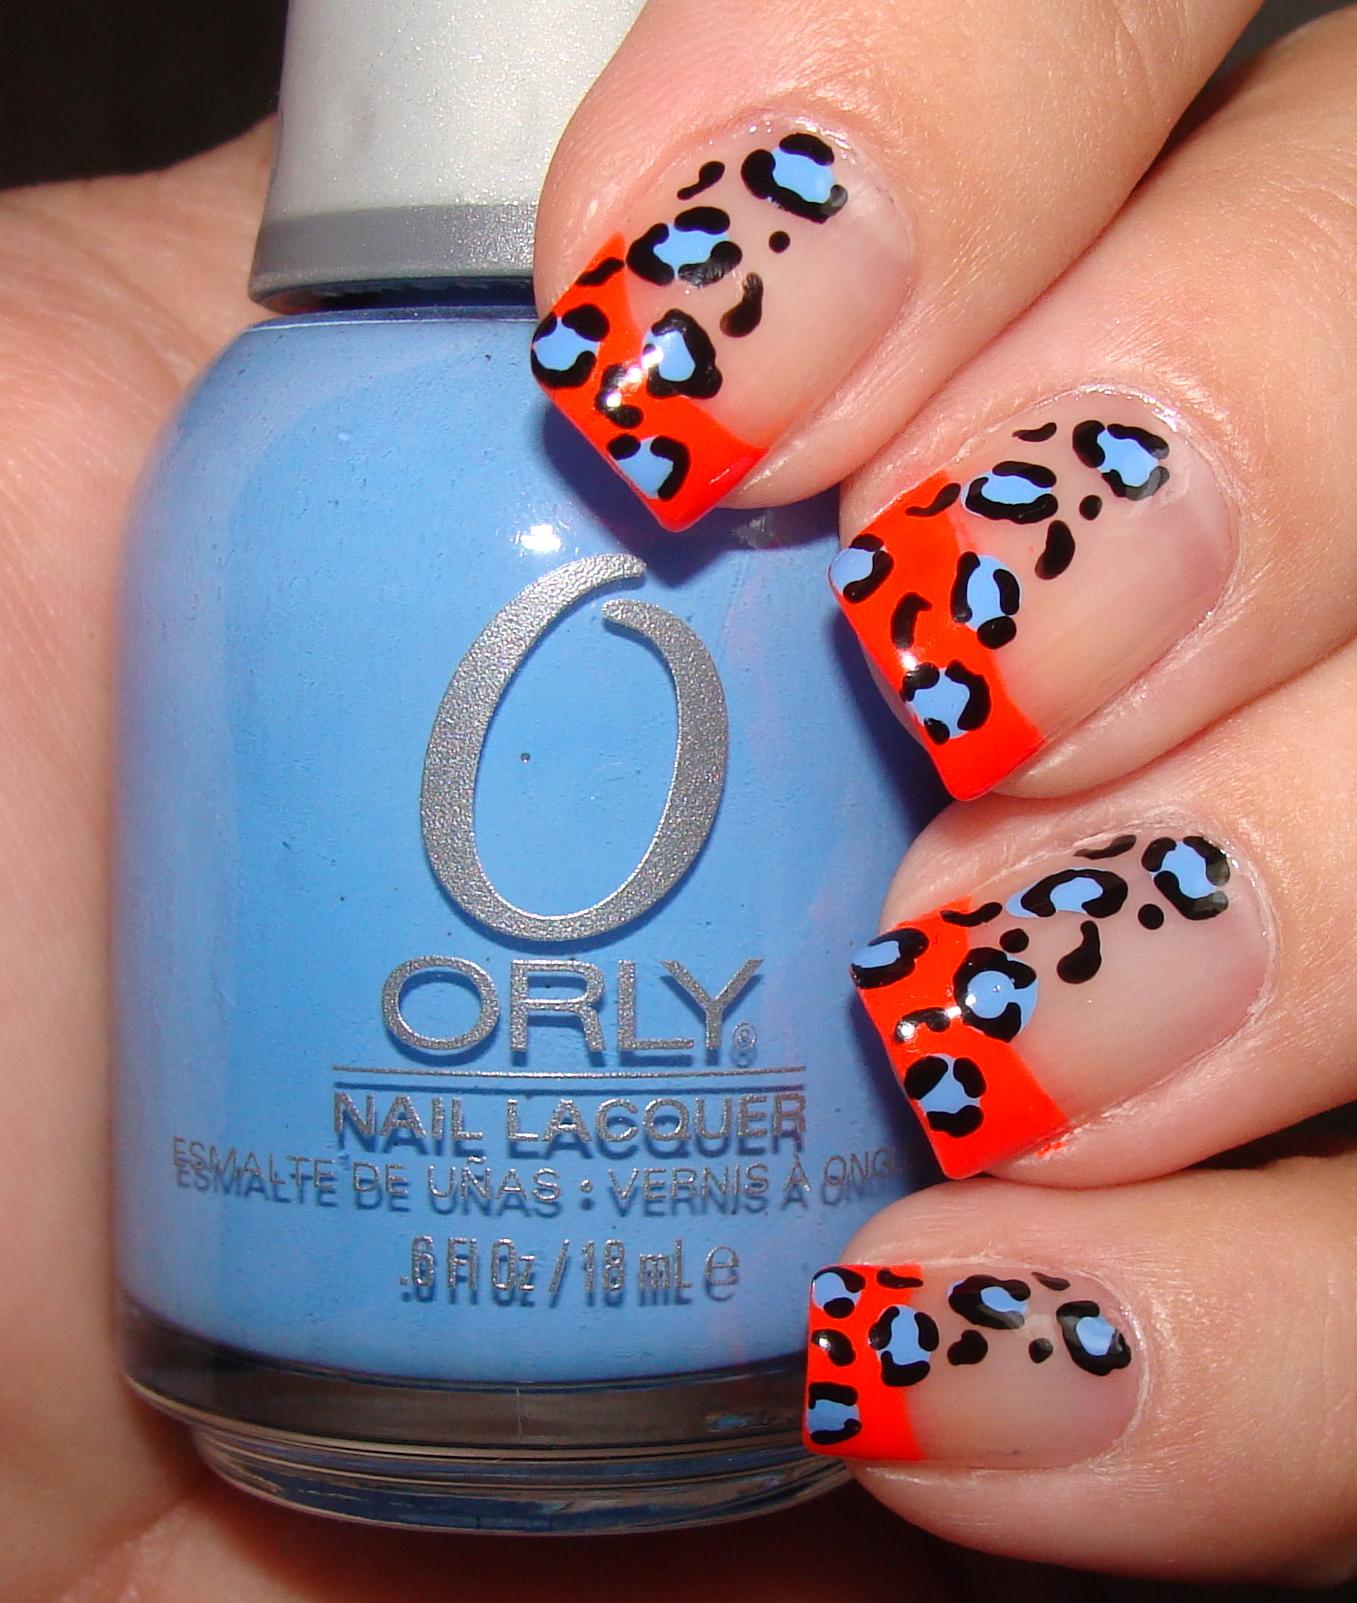 migi nail art, nail art, nail art kits, 3d nail art, nail art design, how to do nail art, nail art pens, simple nail art, nail art designs, nail art designs gallery, pictures of nail art, nail art ideas, nails art, nails art design, nail art magazine, nail art images-12